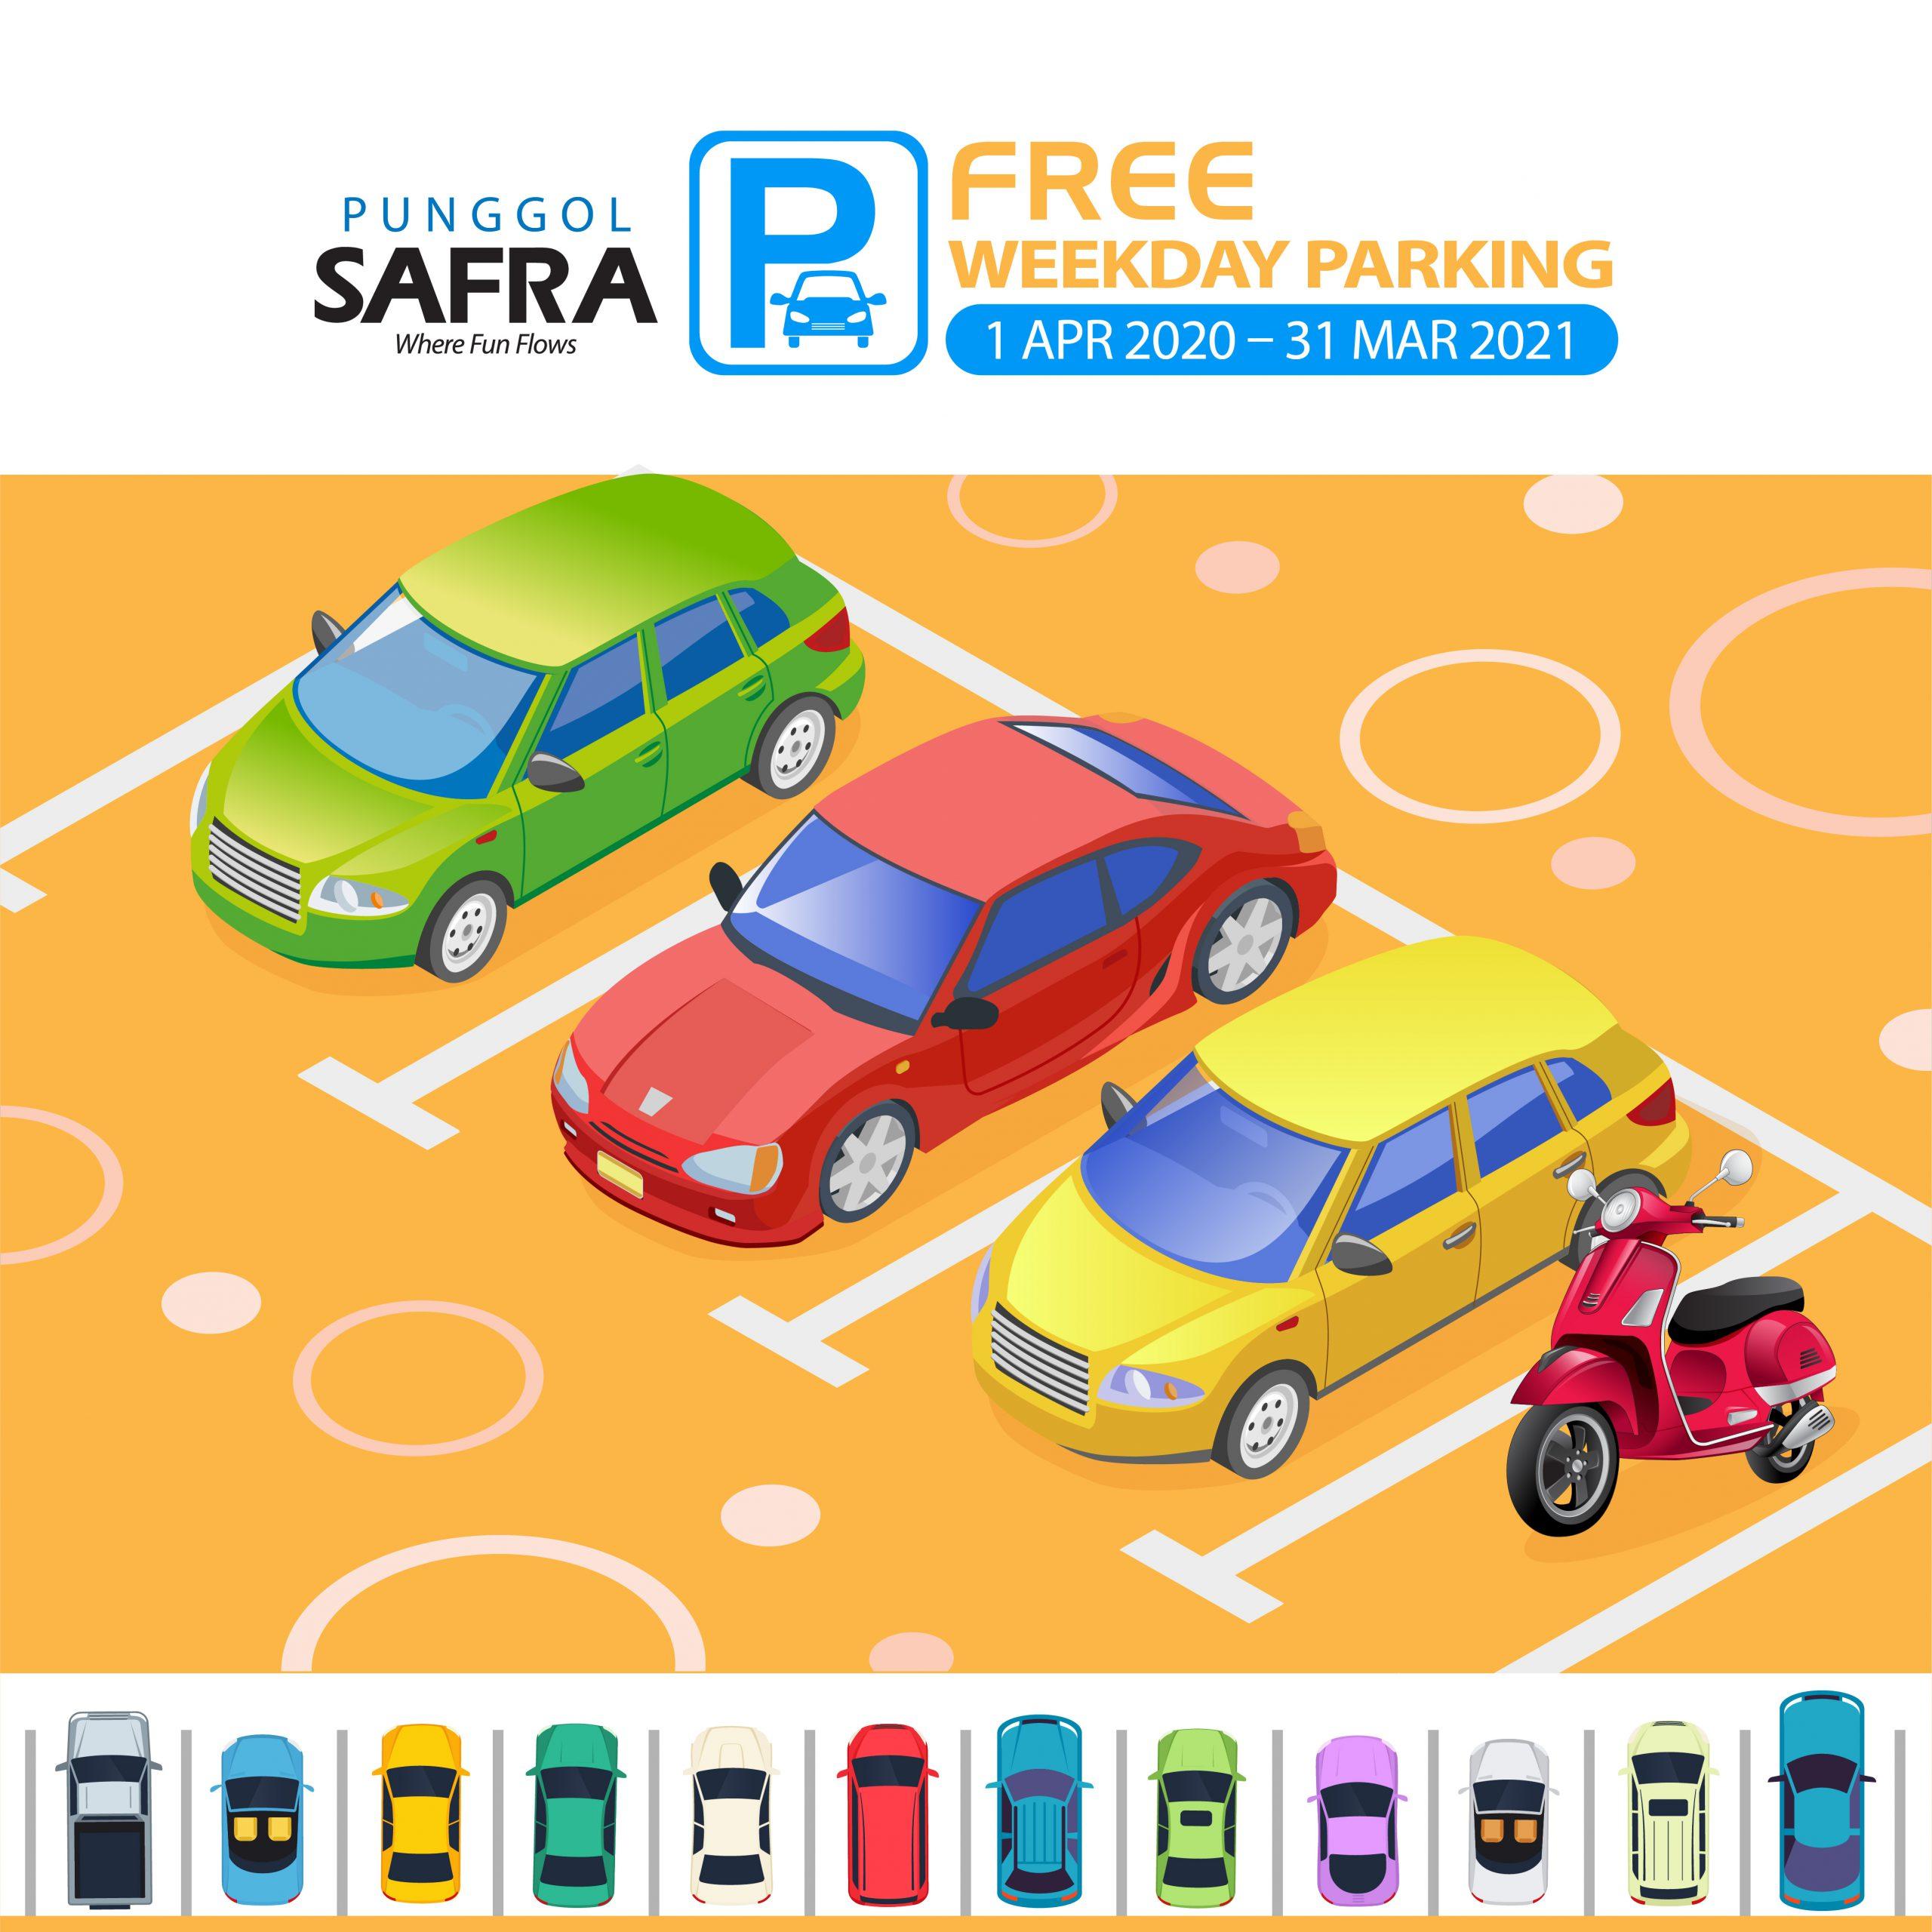 Free Weekday Parking at SAFRA Punggol